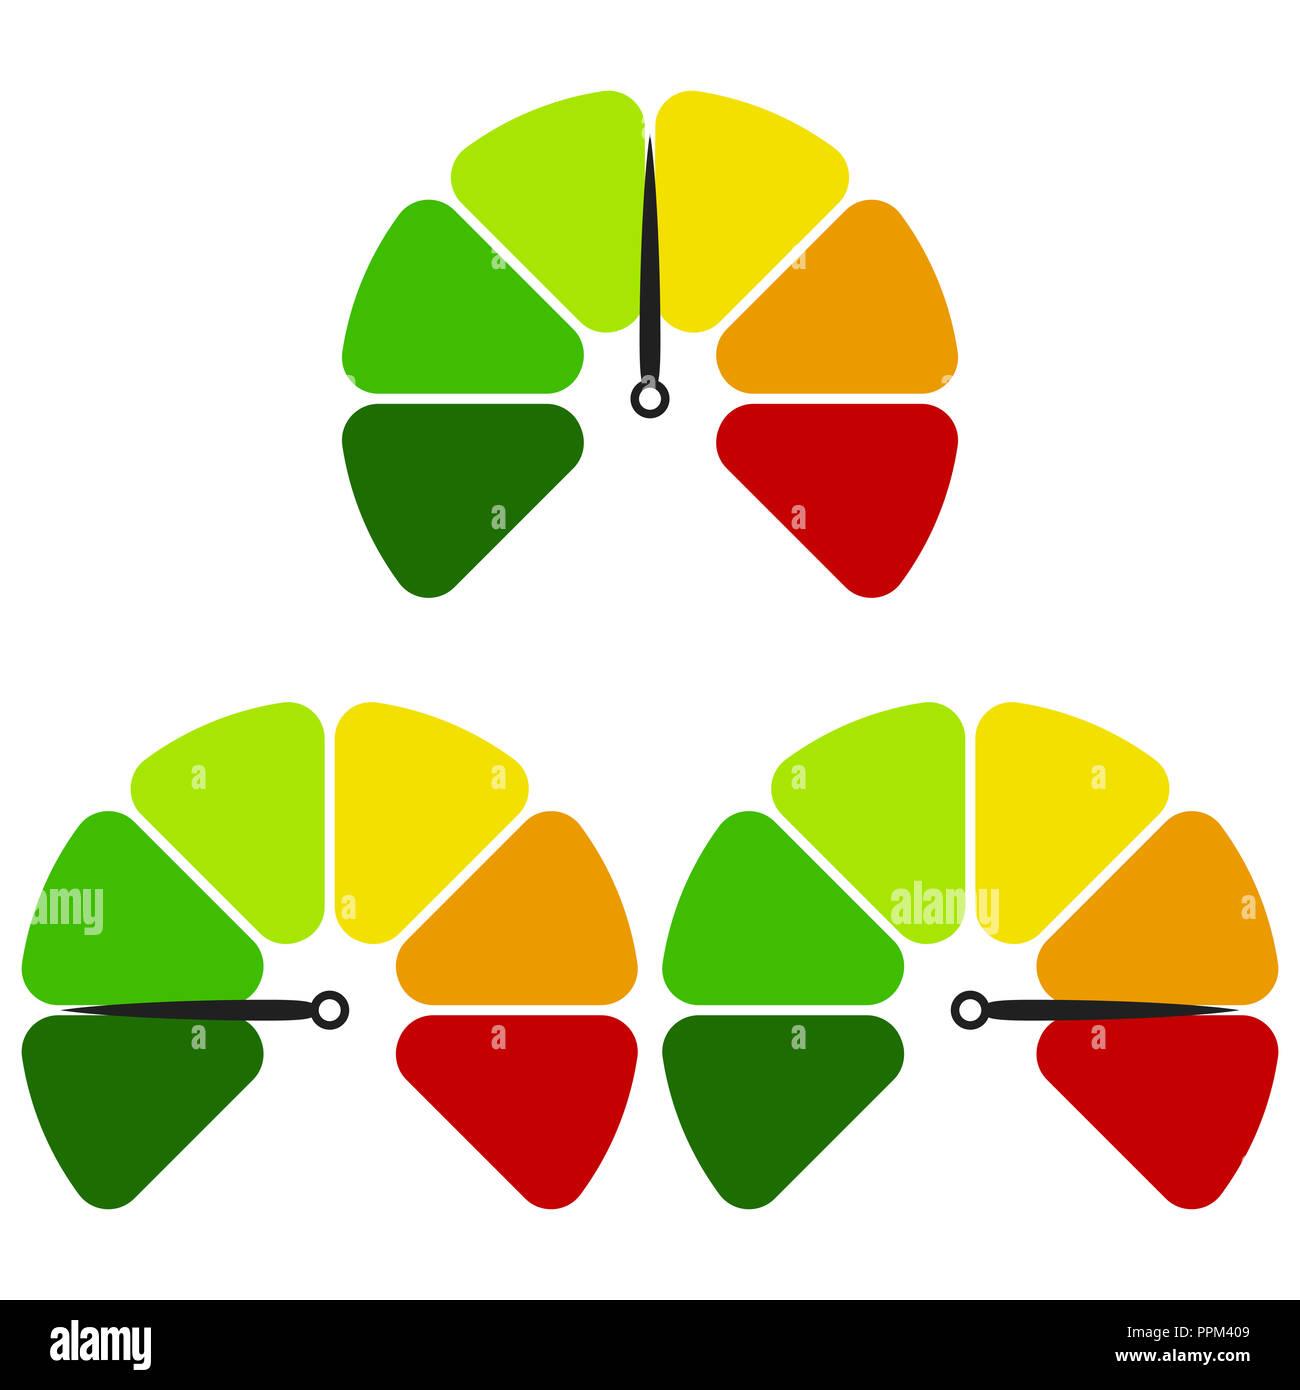 Tachimetro icona piatta. Segno colorato tachimetro. Logo vettoriali per il web design, mobile e infographics. Illustrazione Vettoriale eps10. Isolato su bianco ba Immagini Stock